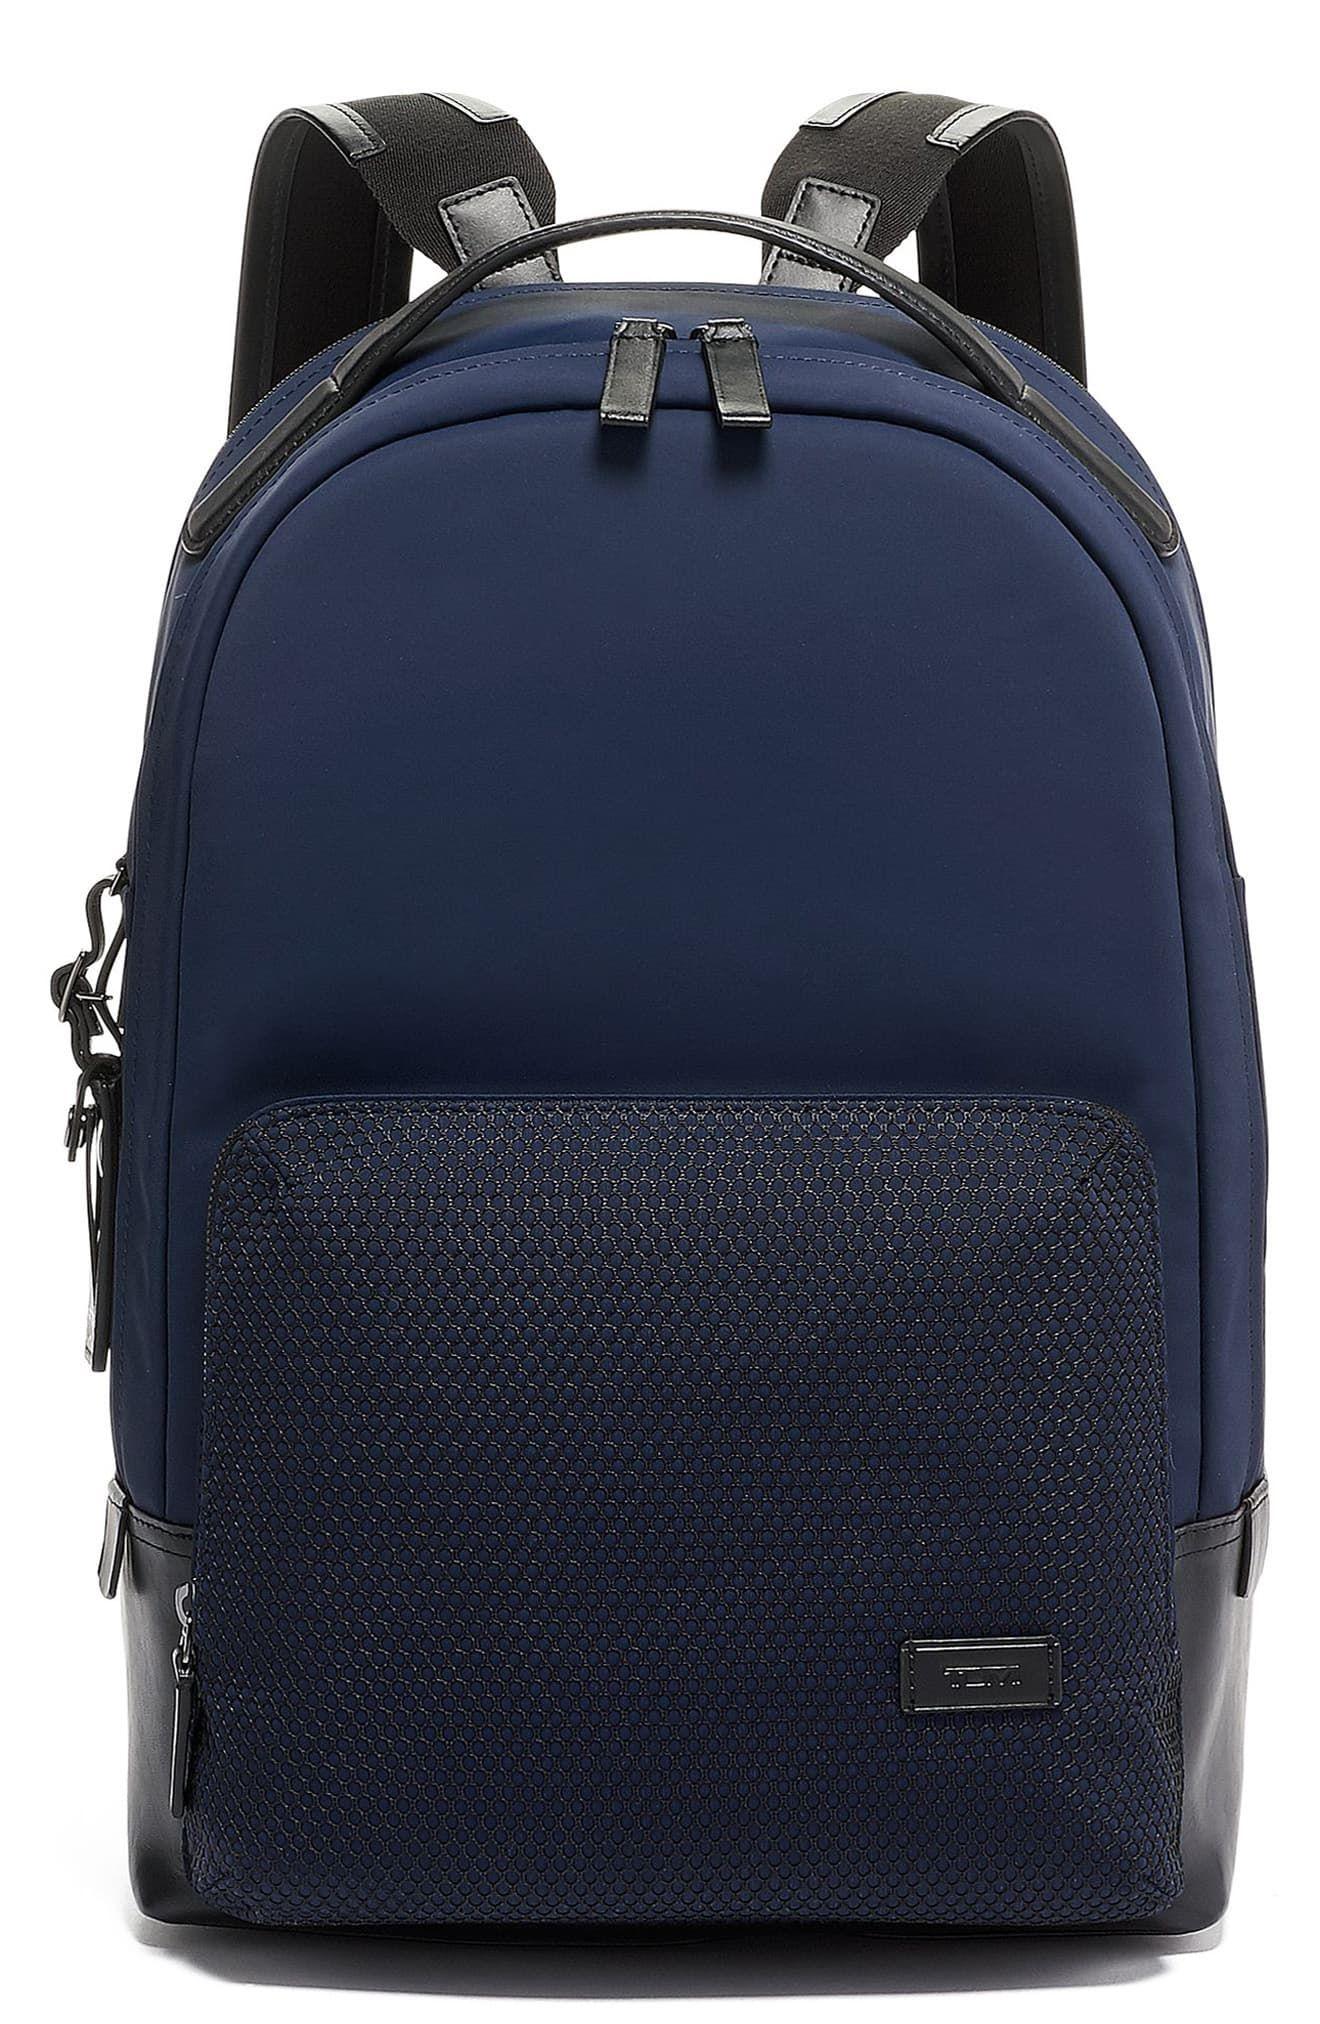 3e295f1b2d69 Harrison Webster Backpack